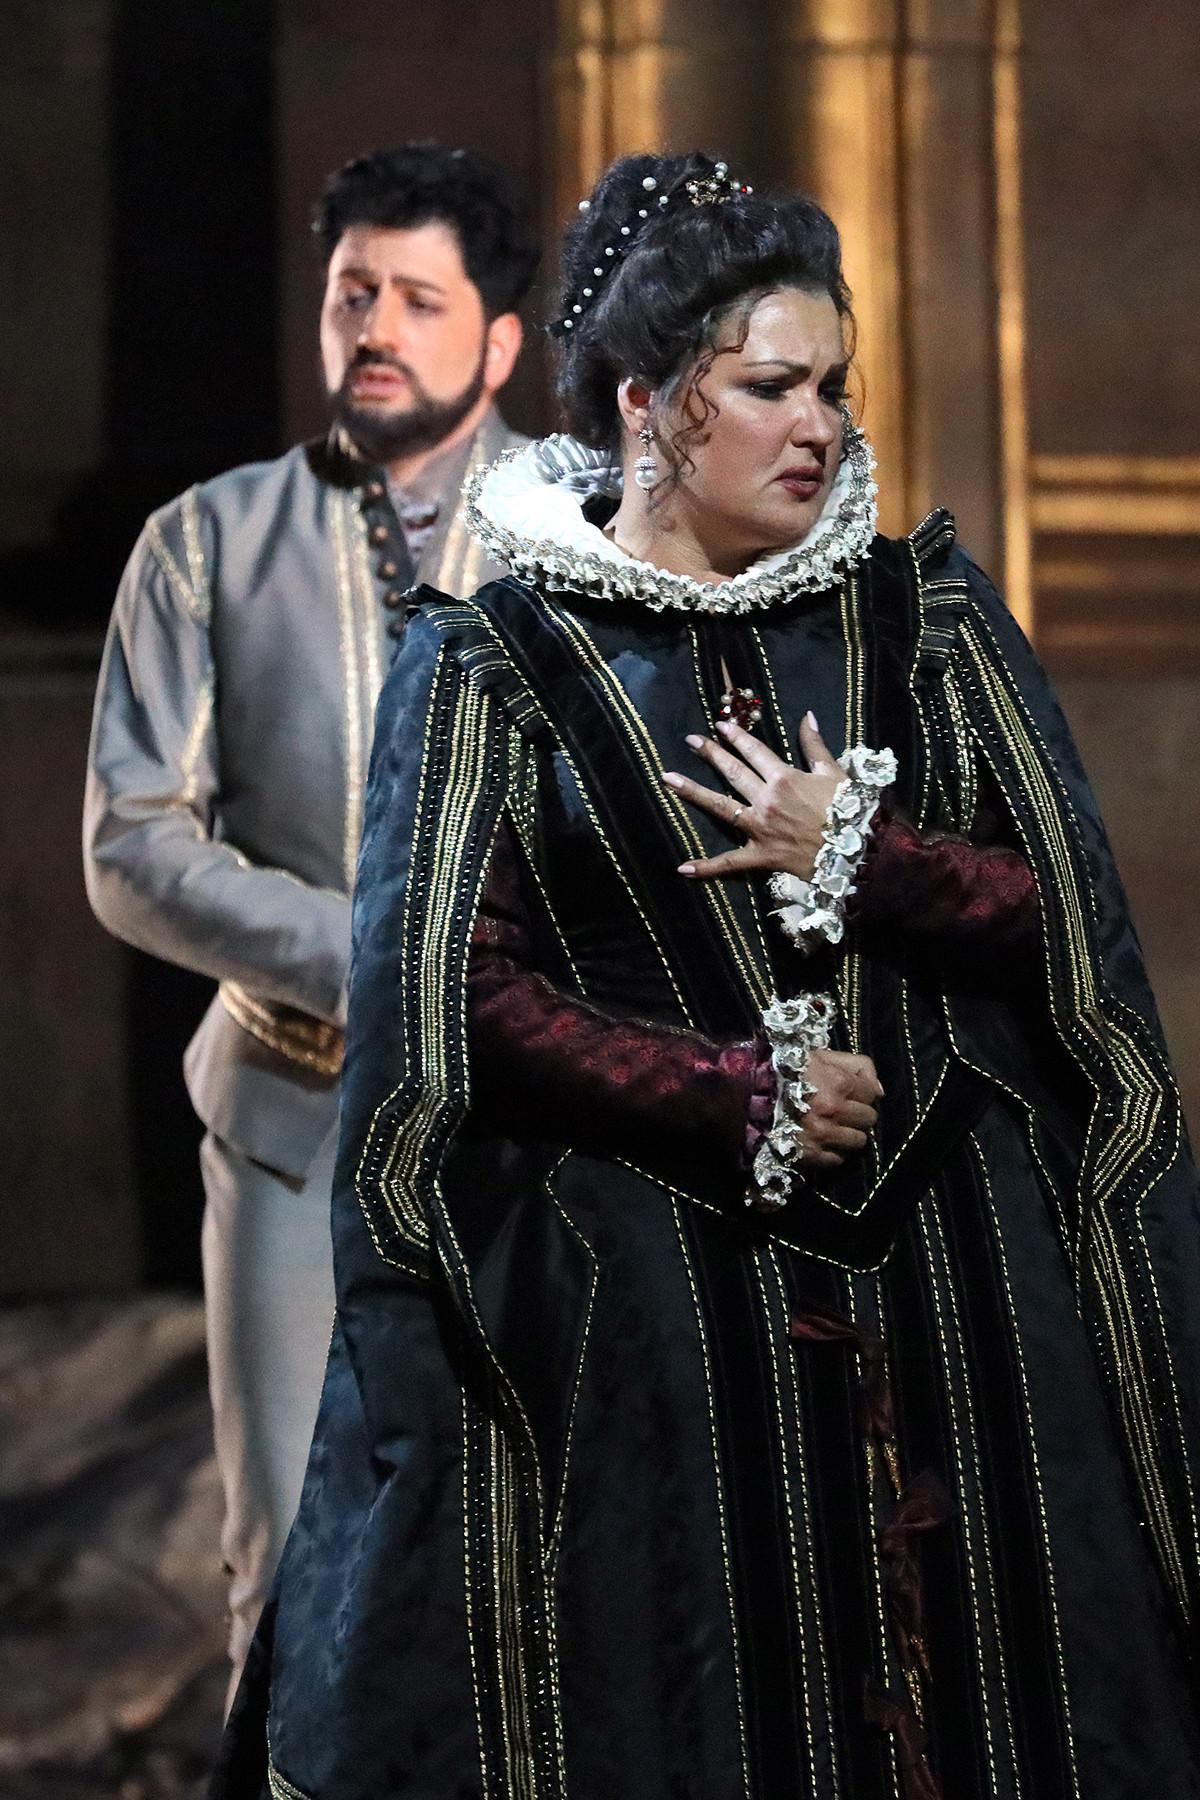 オペラ「ドン・カルロ」で演じるアンナ・ネトレプコとユシフ・エイヴァゾフ